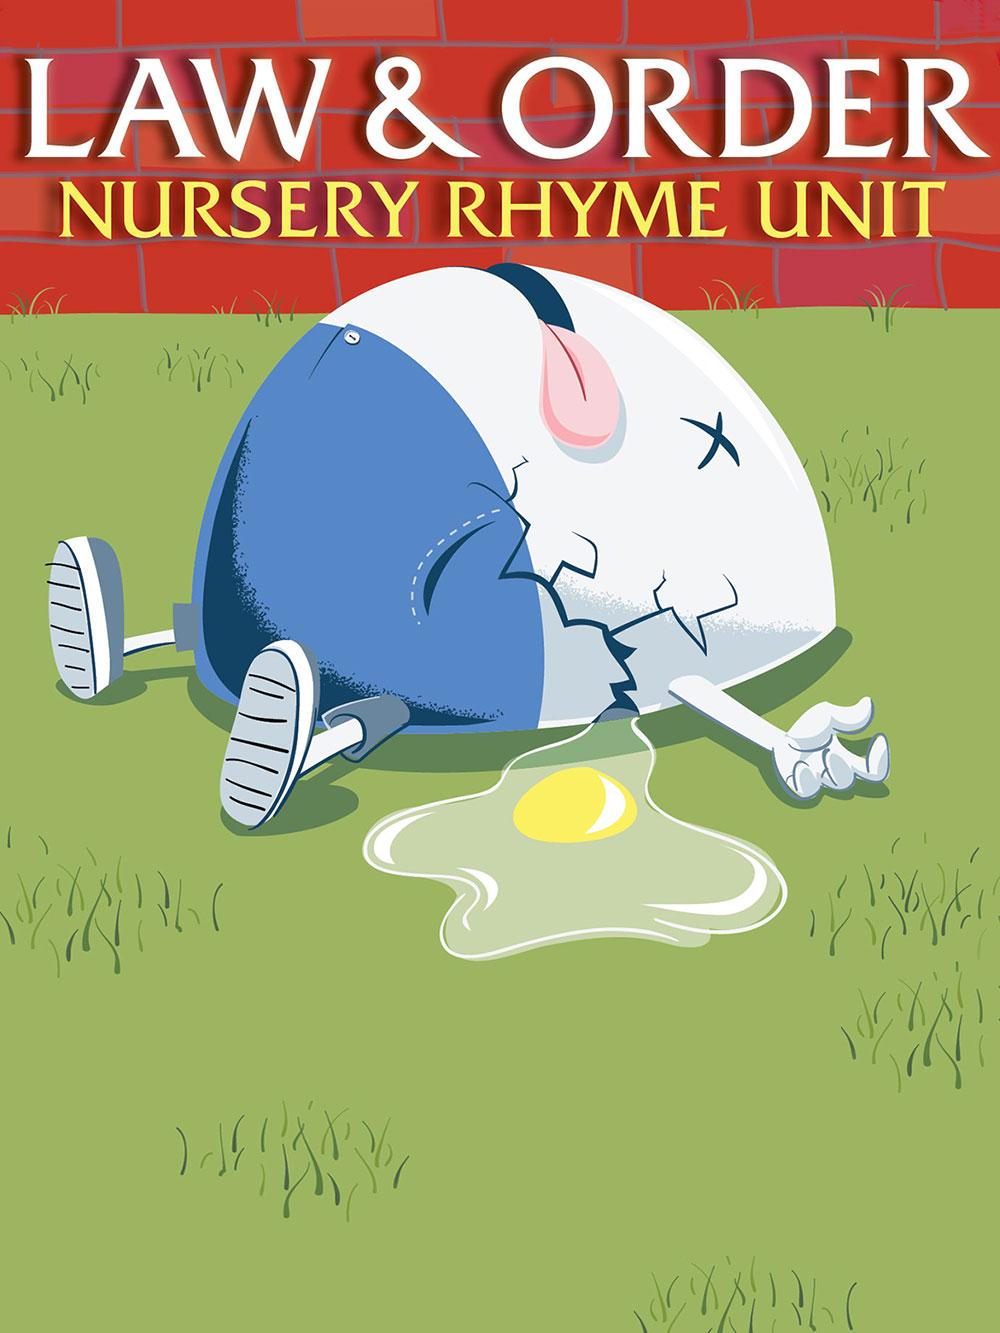 Law & Order: Nursery Rhyme Unit